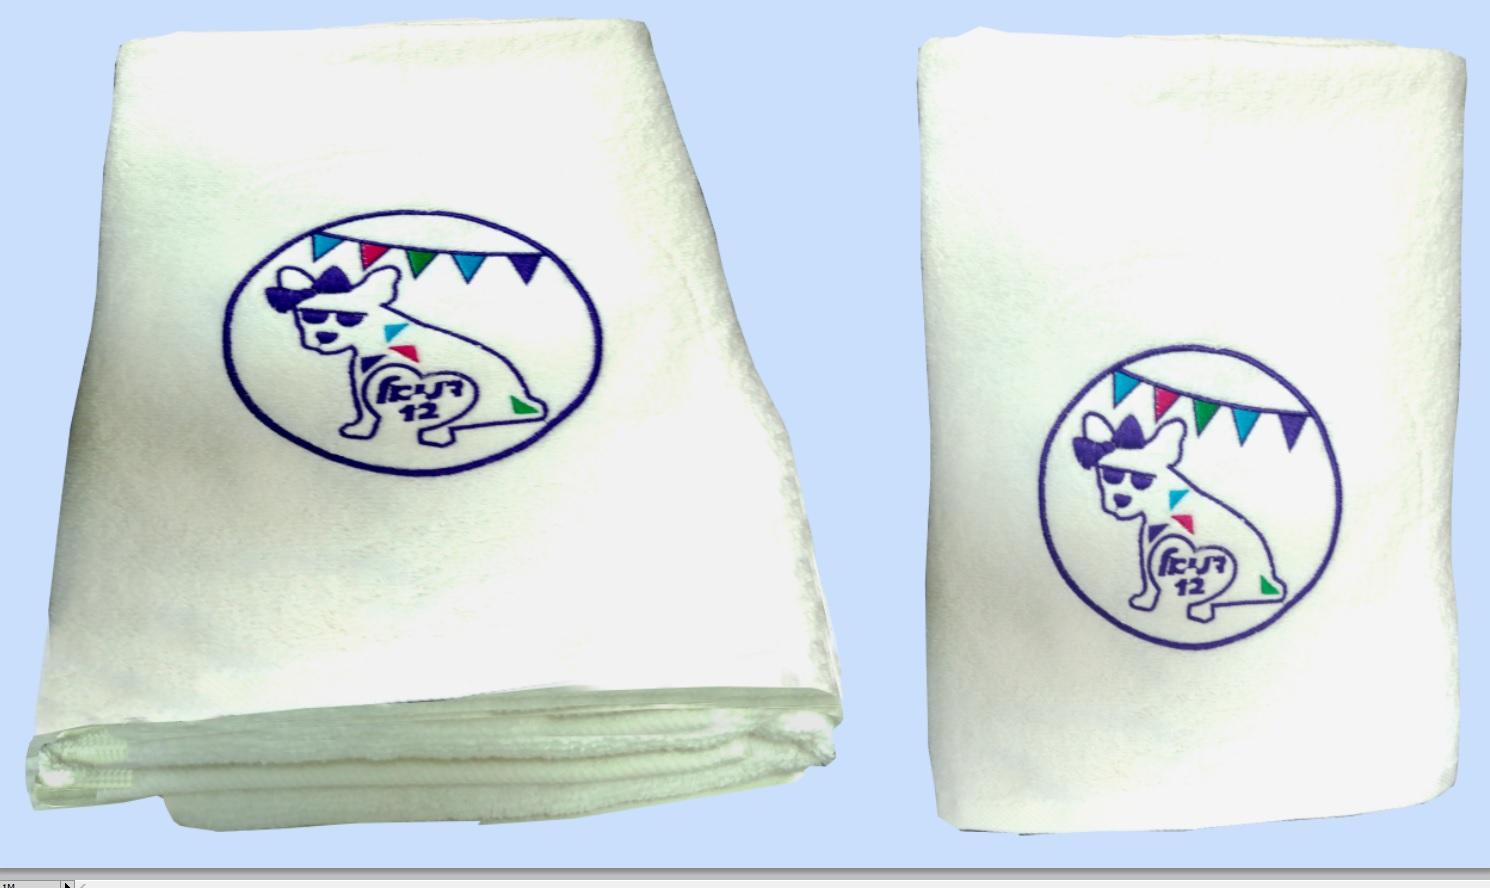 מגבת גוף | מגבות עם לוגו